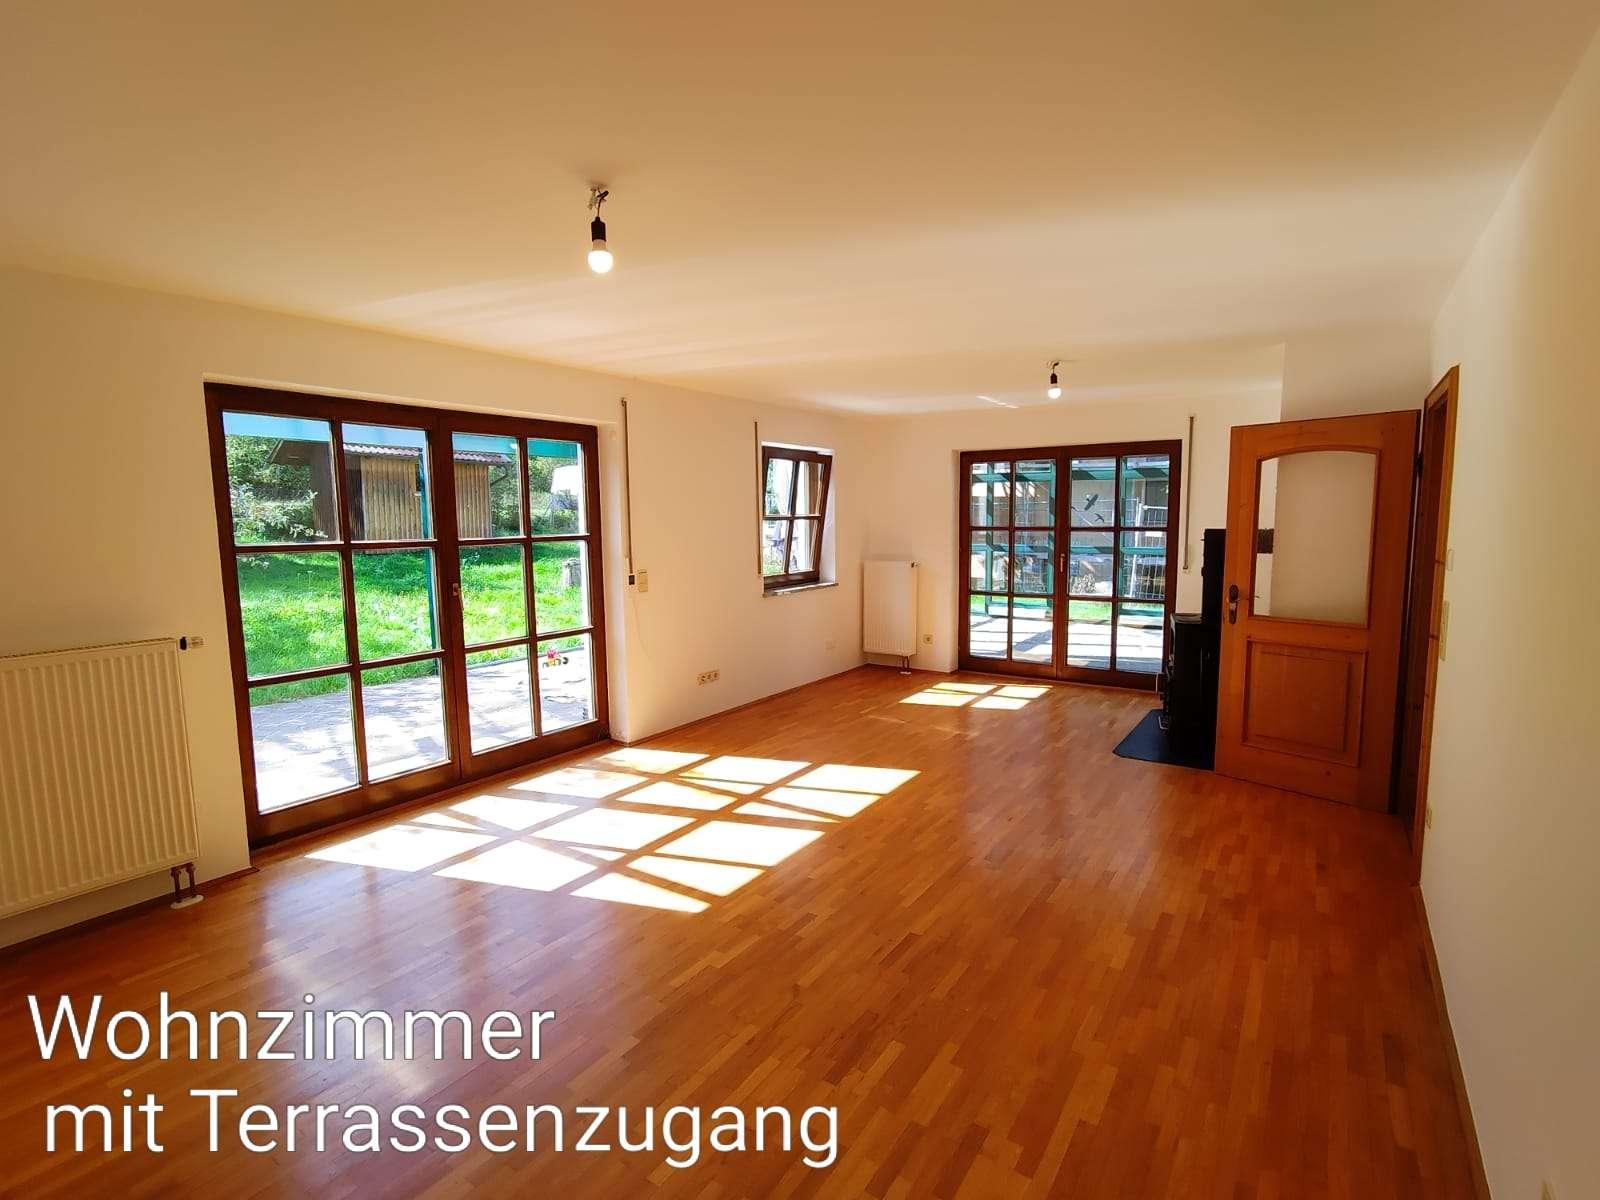 frisch sanierte 3 Zimmer-Wohnung mit Wintergarten! in Cham (Cham)